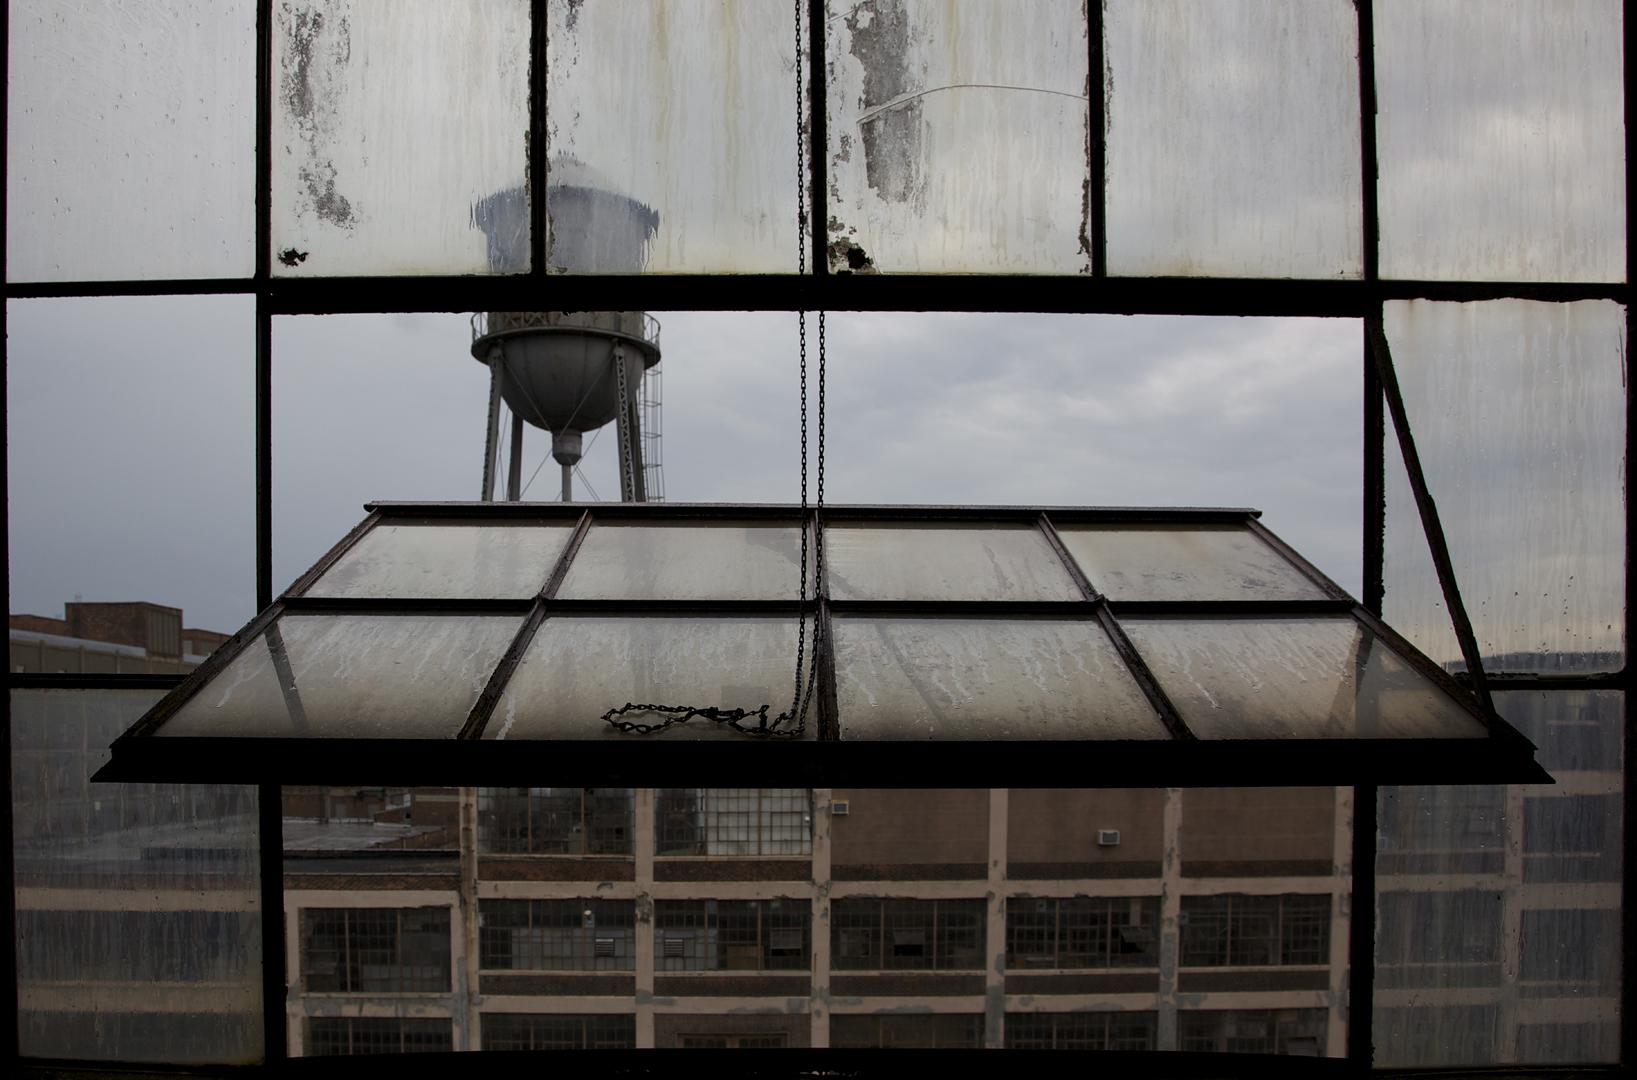 watertowerwindowweb.jpg